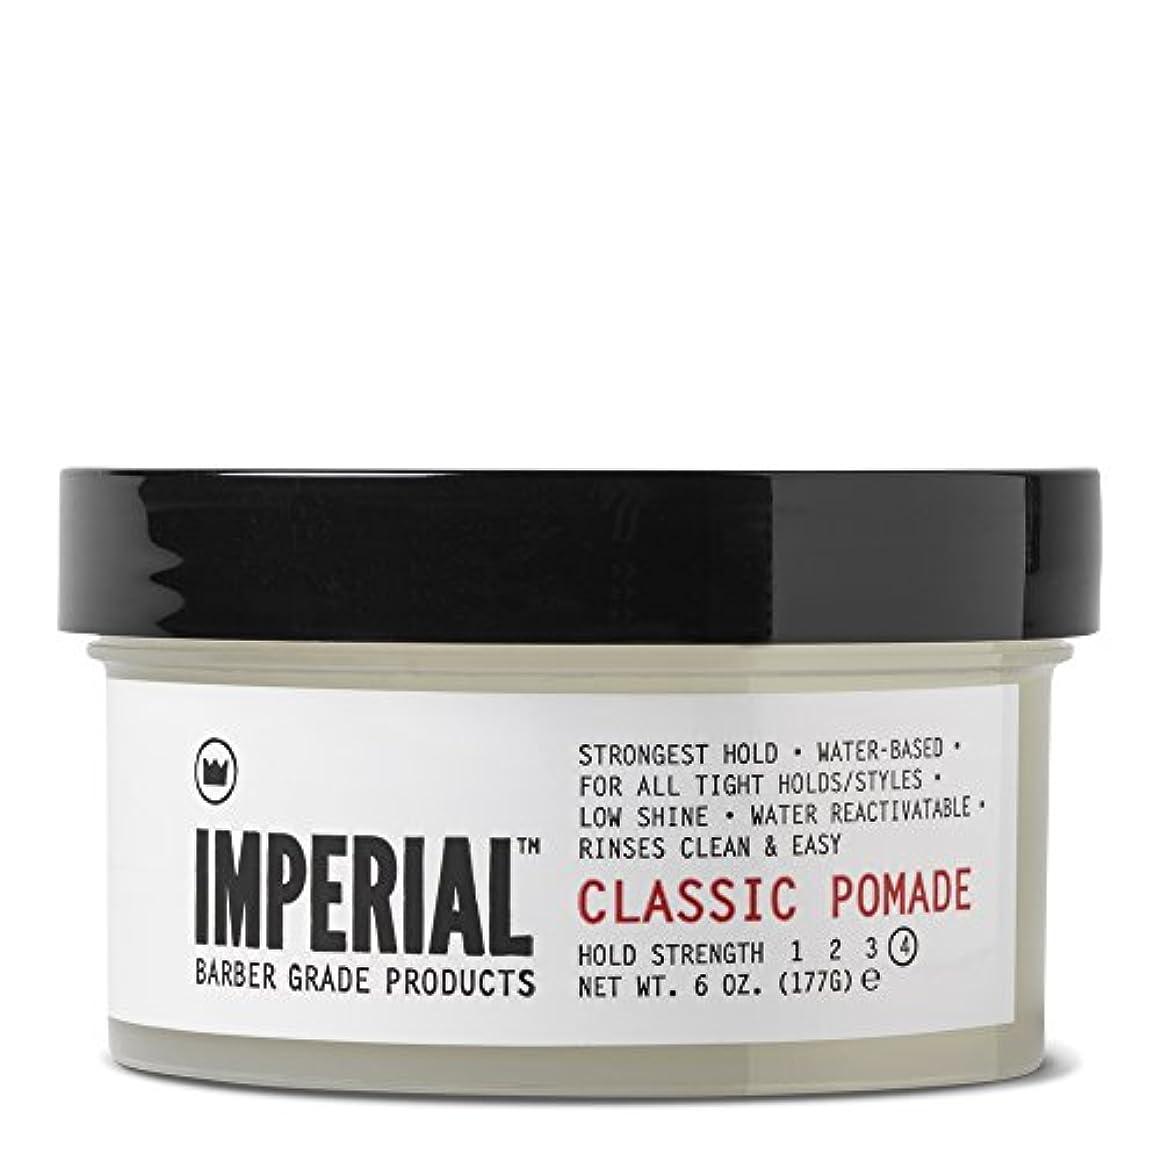 読み書きのできないテープ製品Imperial Barber グレード製品クラシックポマード、6オズ。 72.0オンス